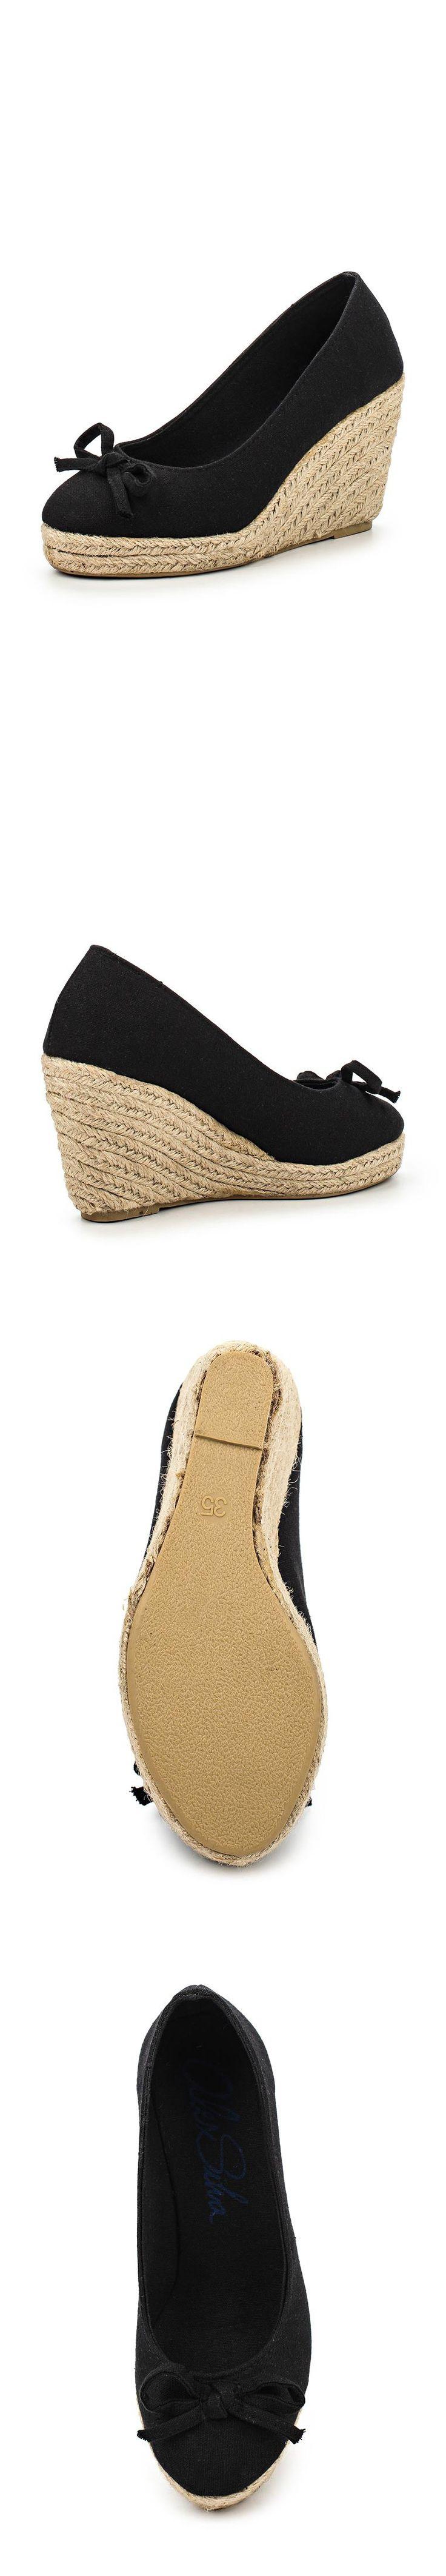 Женская обувь туфли Alex Silva за 2240.00 руб.